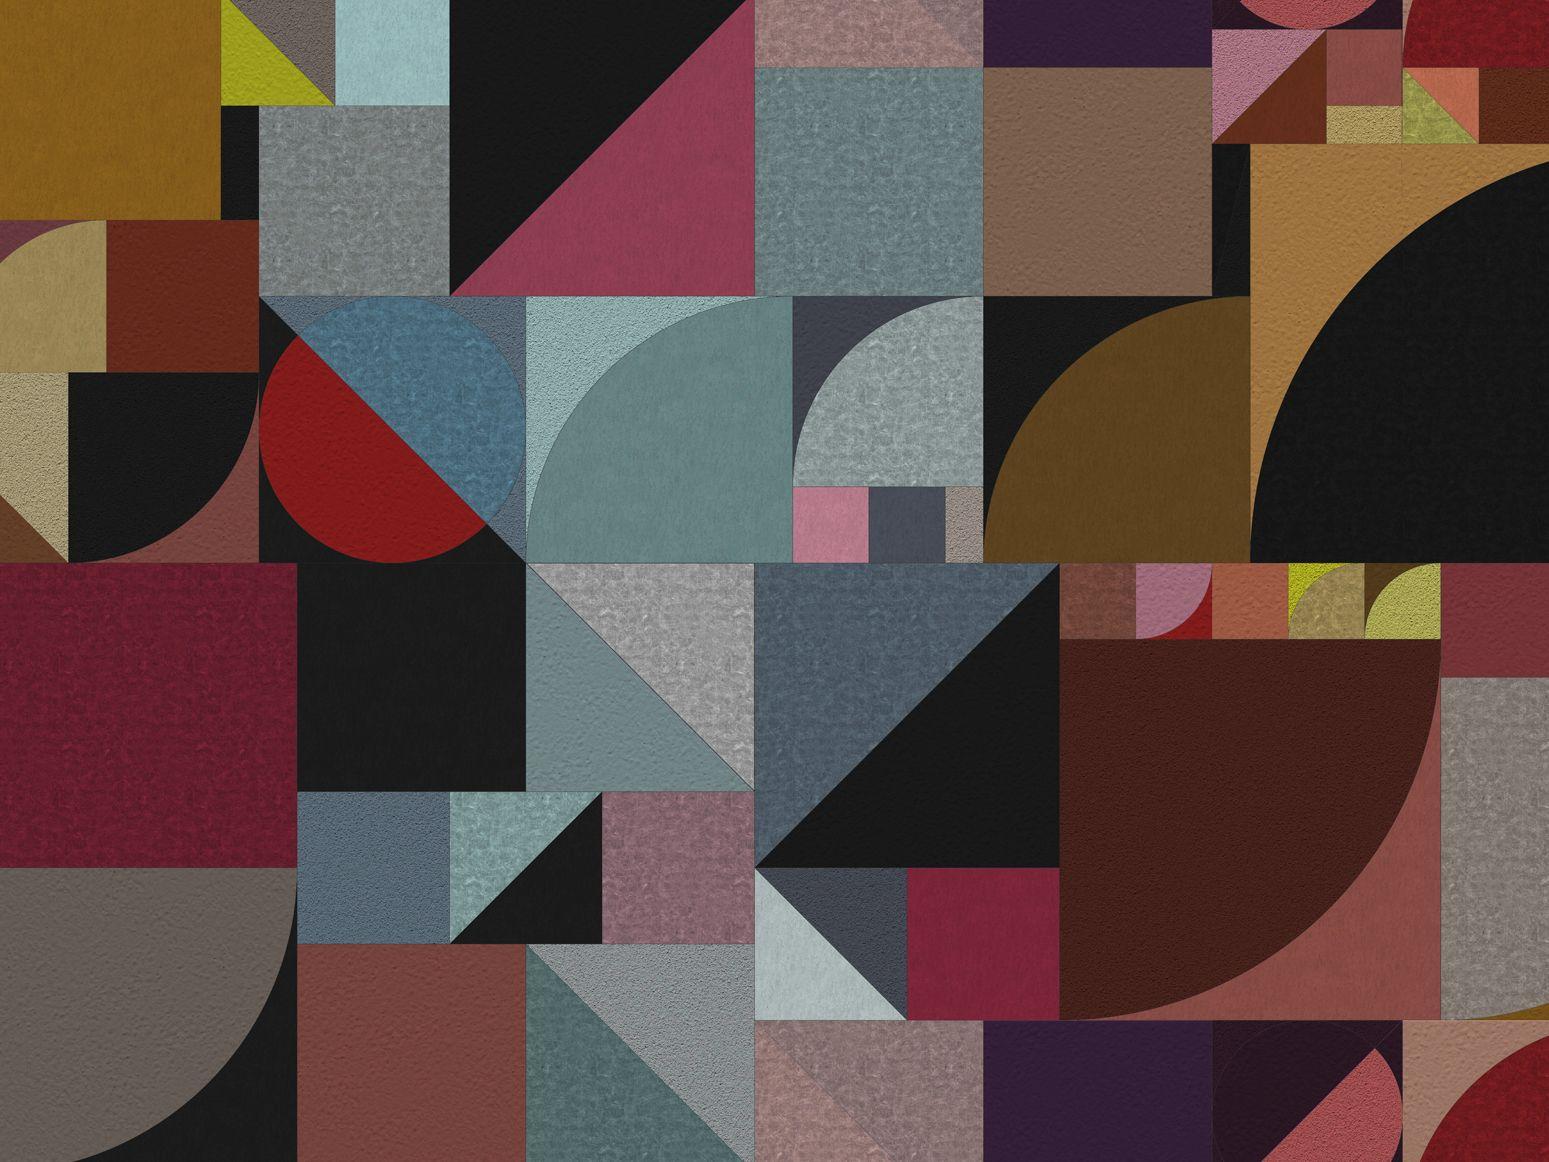 Geometrische tapete f r aussen bauhaus by wall dec design for Bauhaus 3d tapete